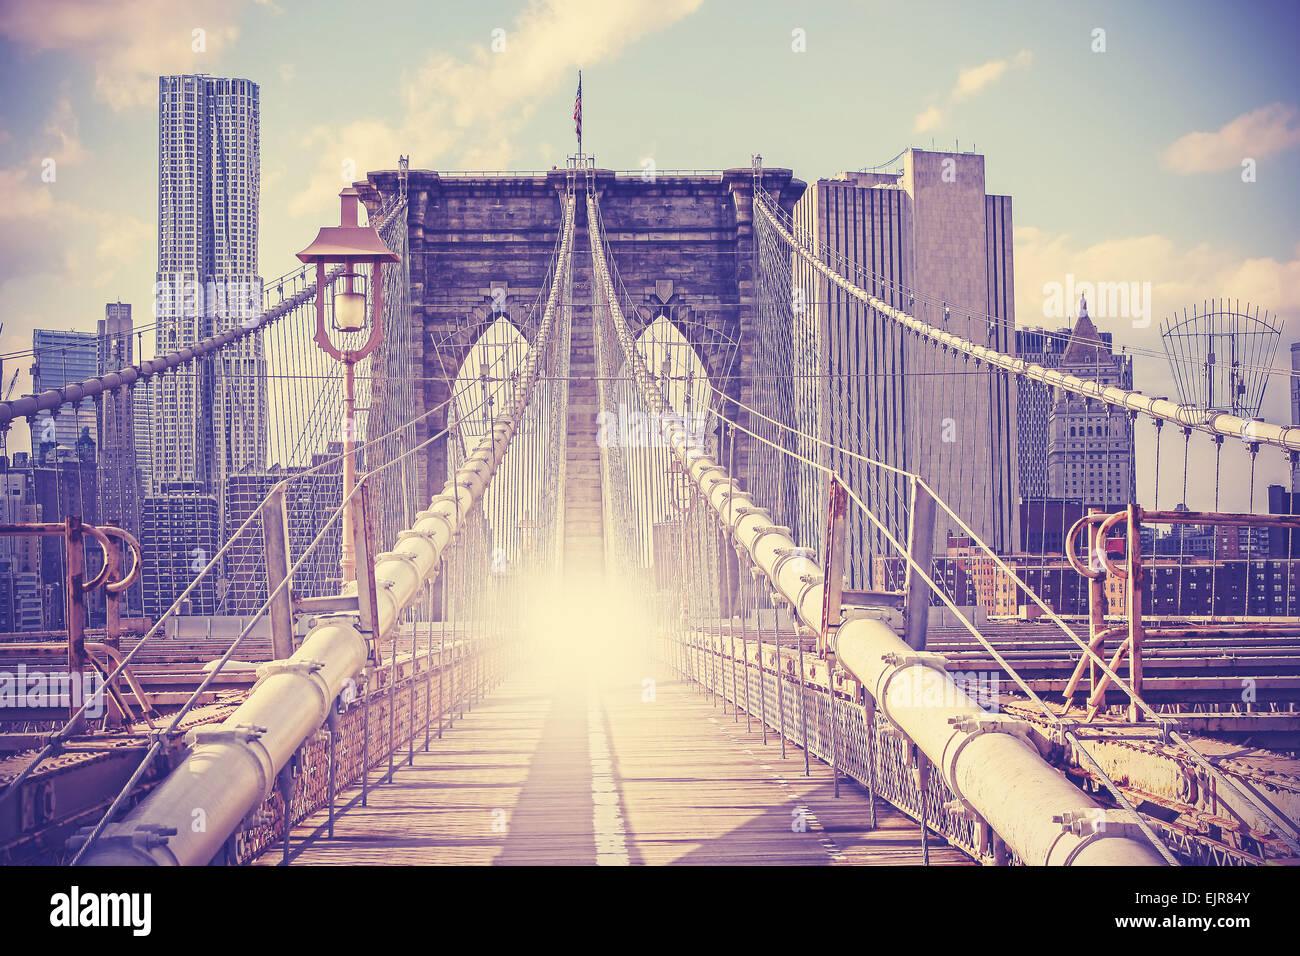 Vintage photo filtrée du pont de Brooklyn à New York. Photo Stock